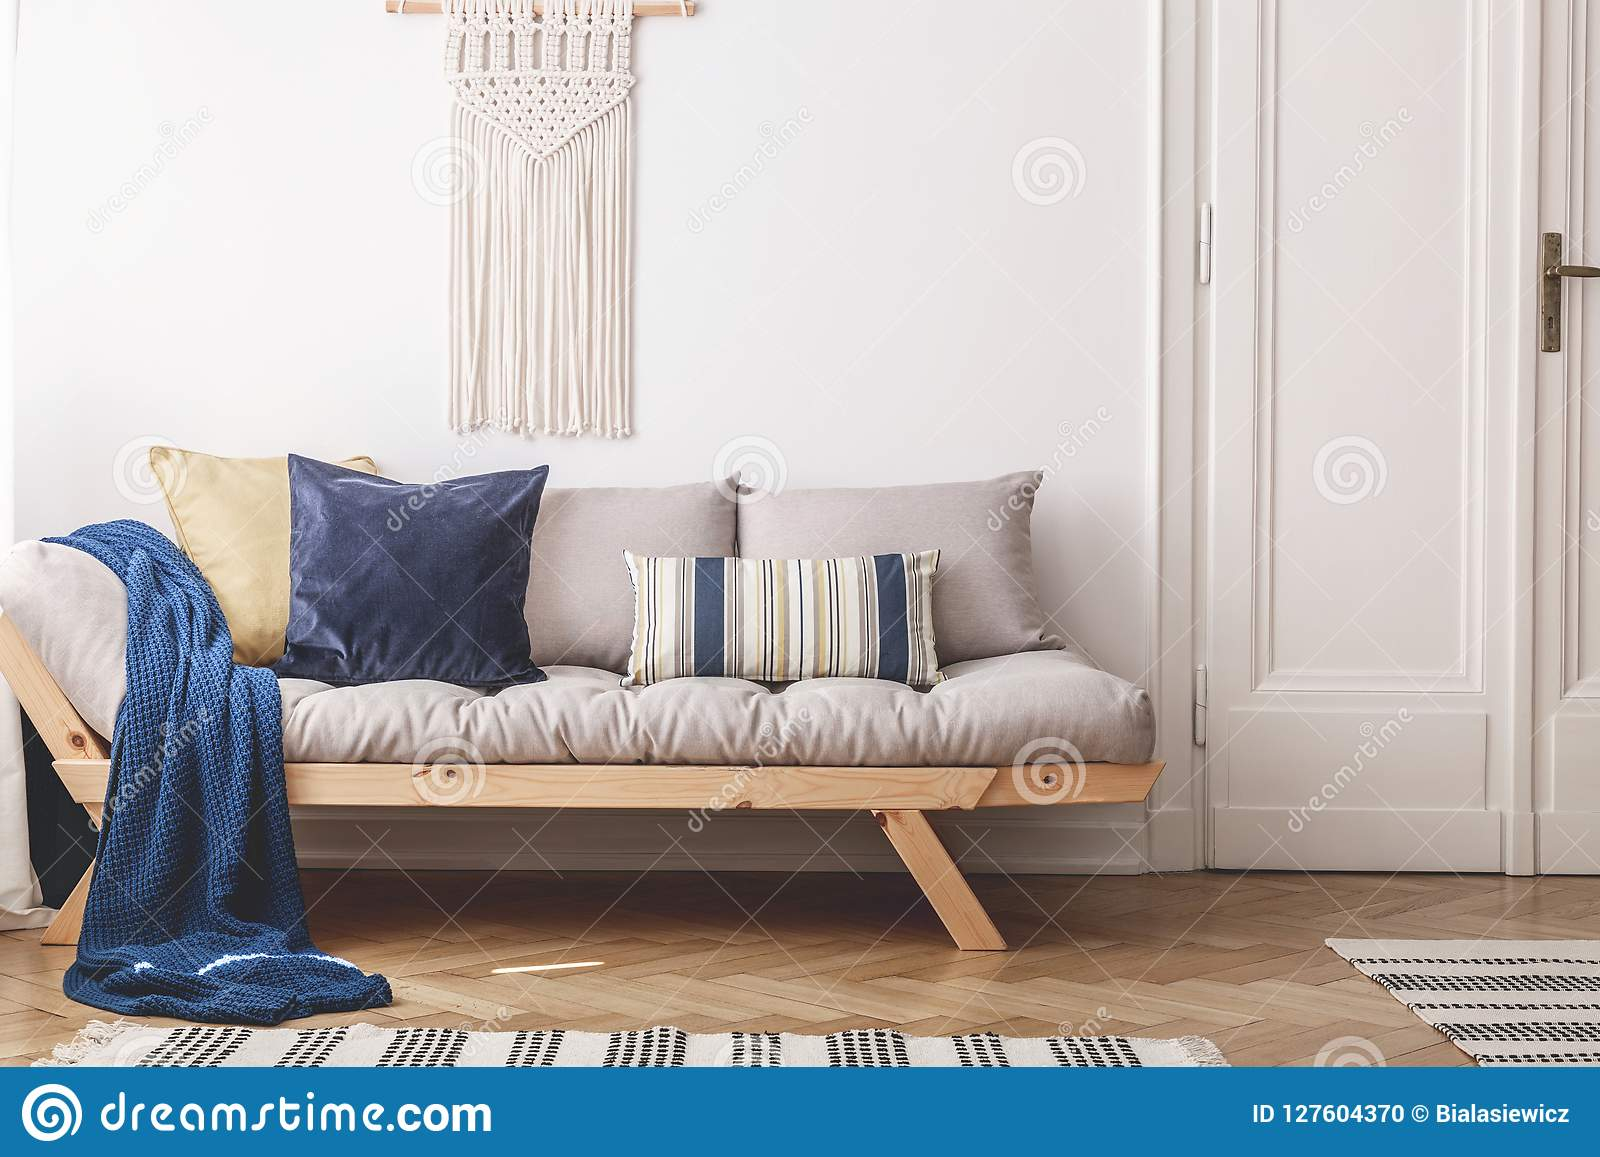 Błękitna koc i poduszki na beżowej drewnianej kanapie w białym loft wnętrzu z drzwi Istna fotografia